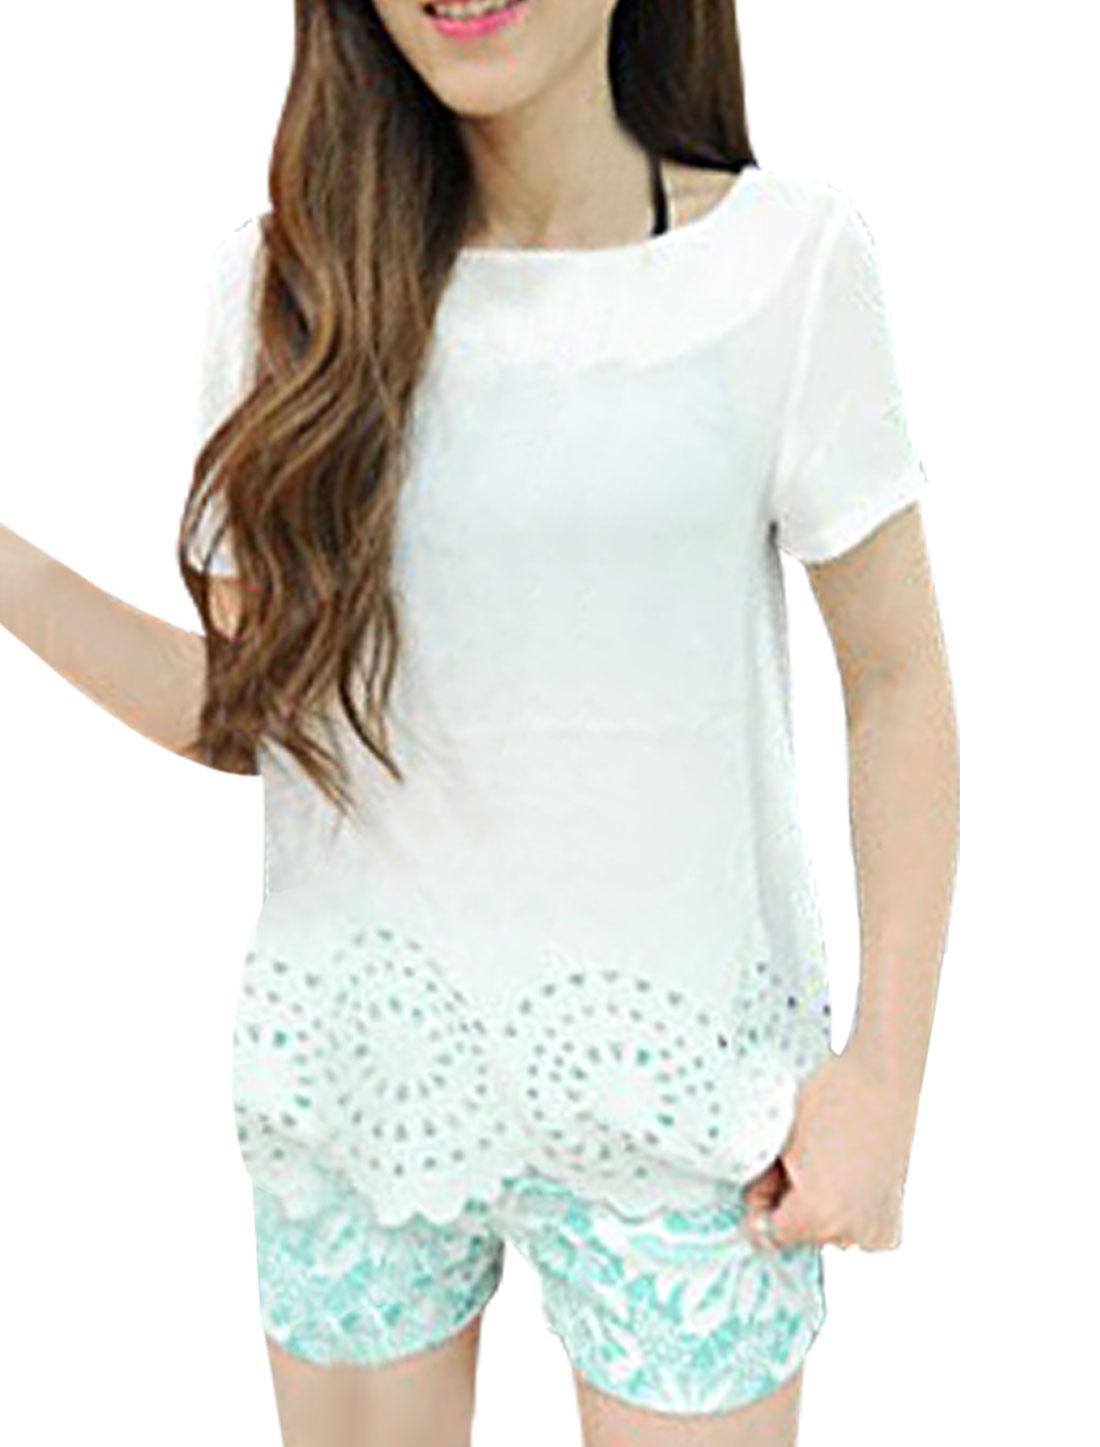 Lady New Fashion Round Neck Short Sleeve Wavy Hem Design White Blouse XS